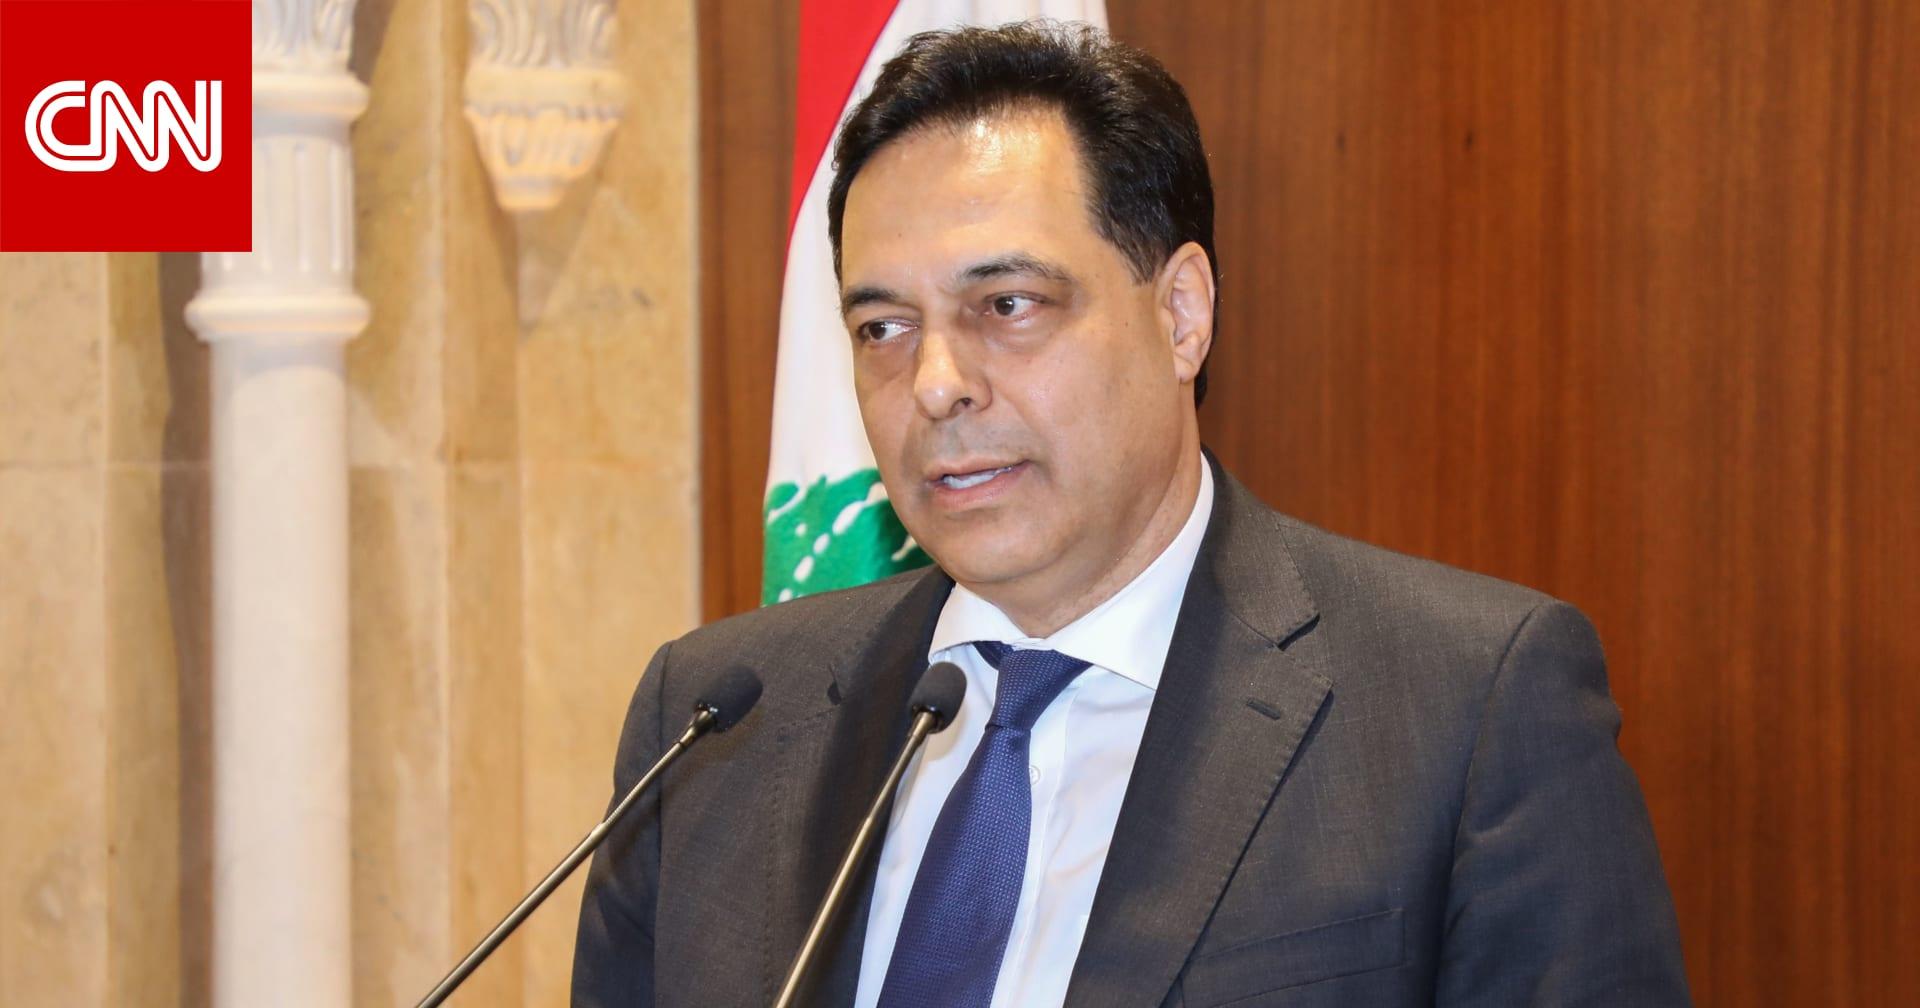 حسان دياب يستغيث: أنقذوا لبنان من الزوال.. الانفجار الاجتماعي وشيك